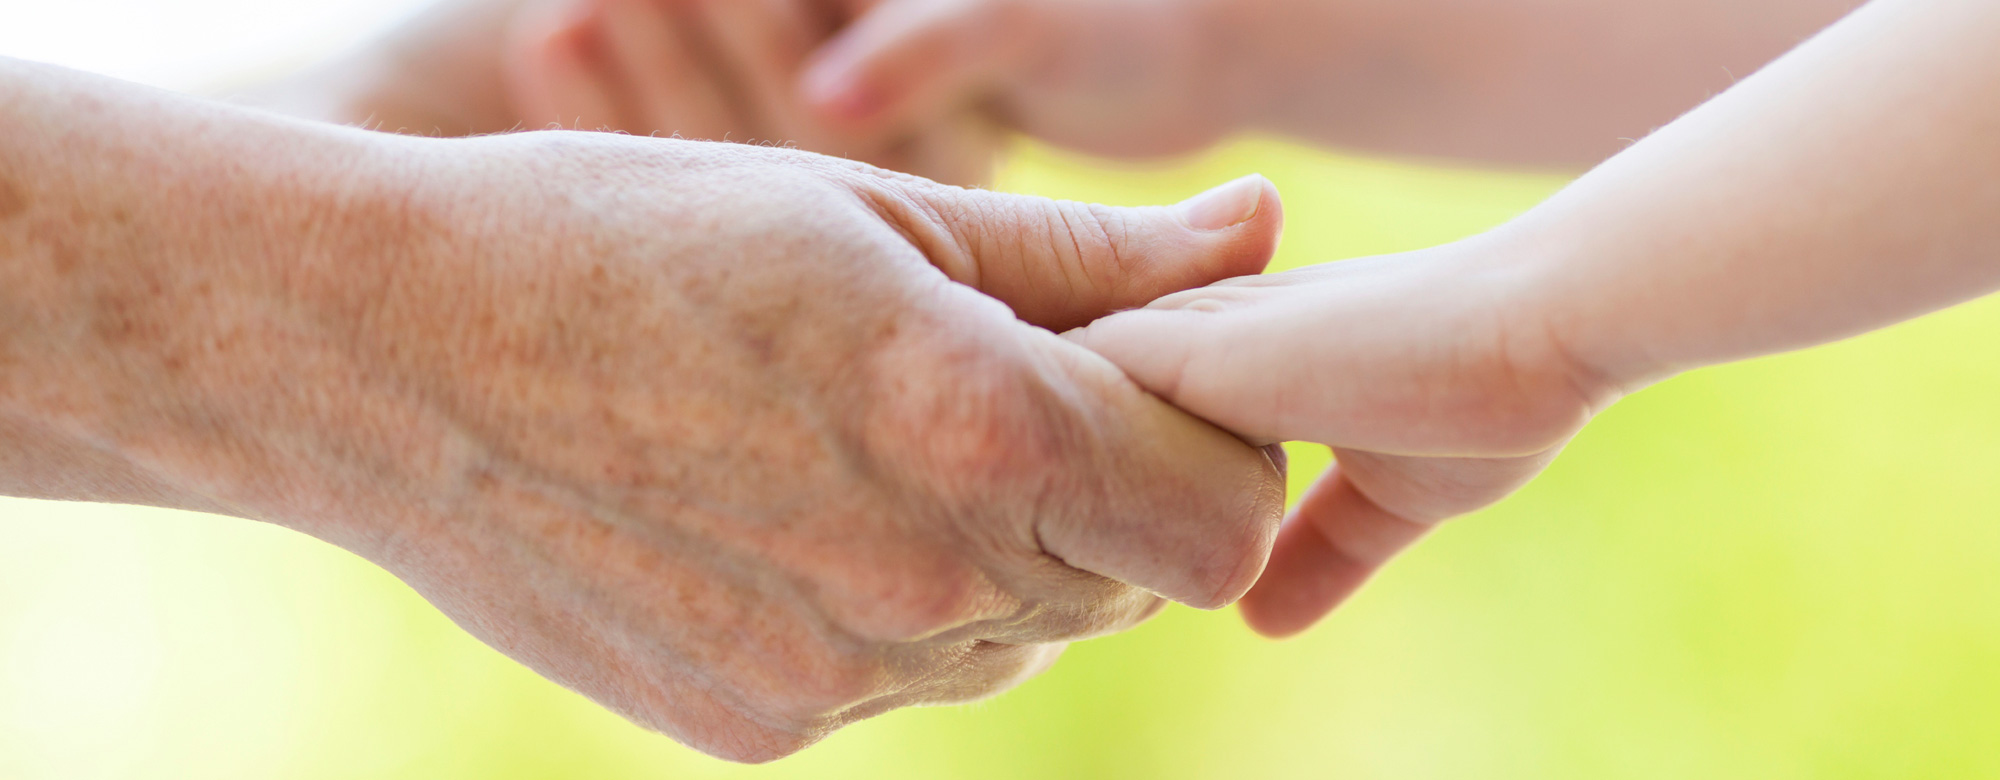 COVID-19: al via il bando per studi clinici sulla popolazione anziana a rischio durante l'emergenza